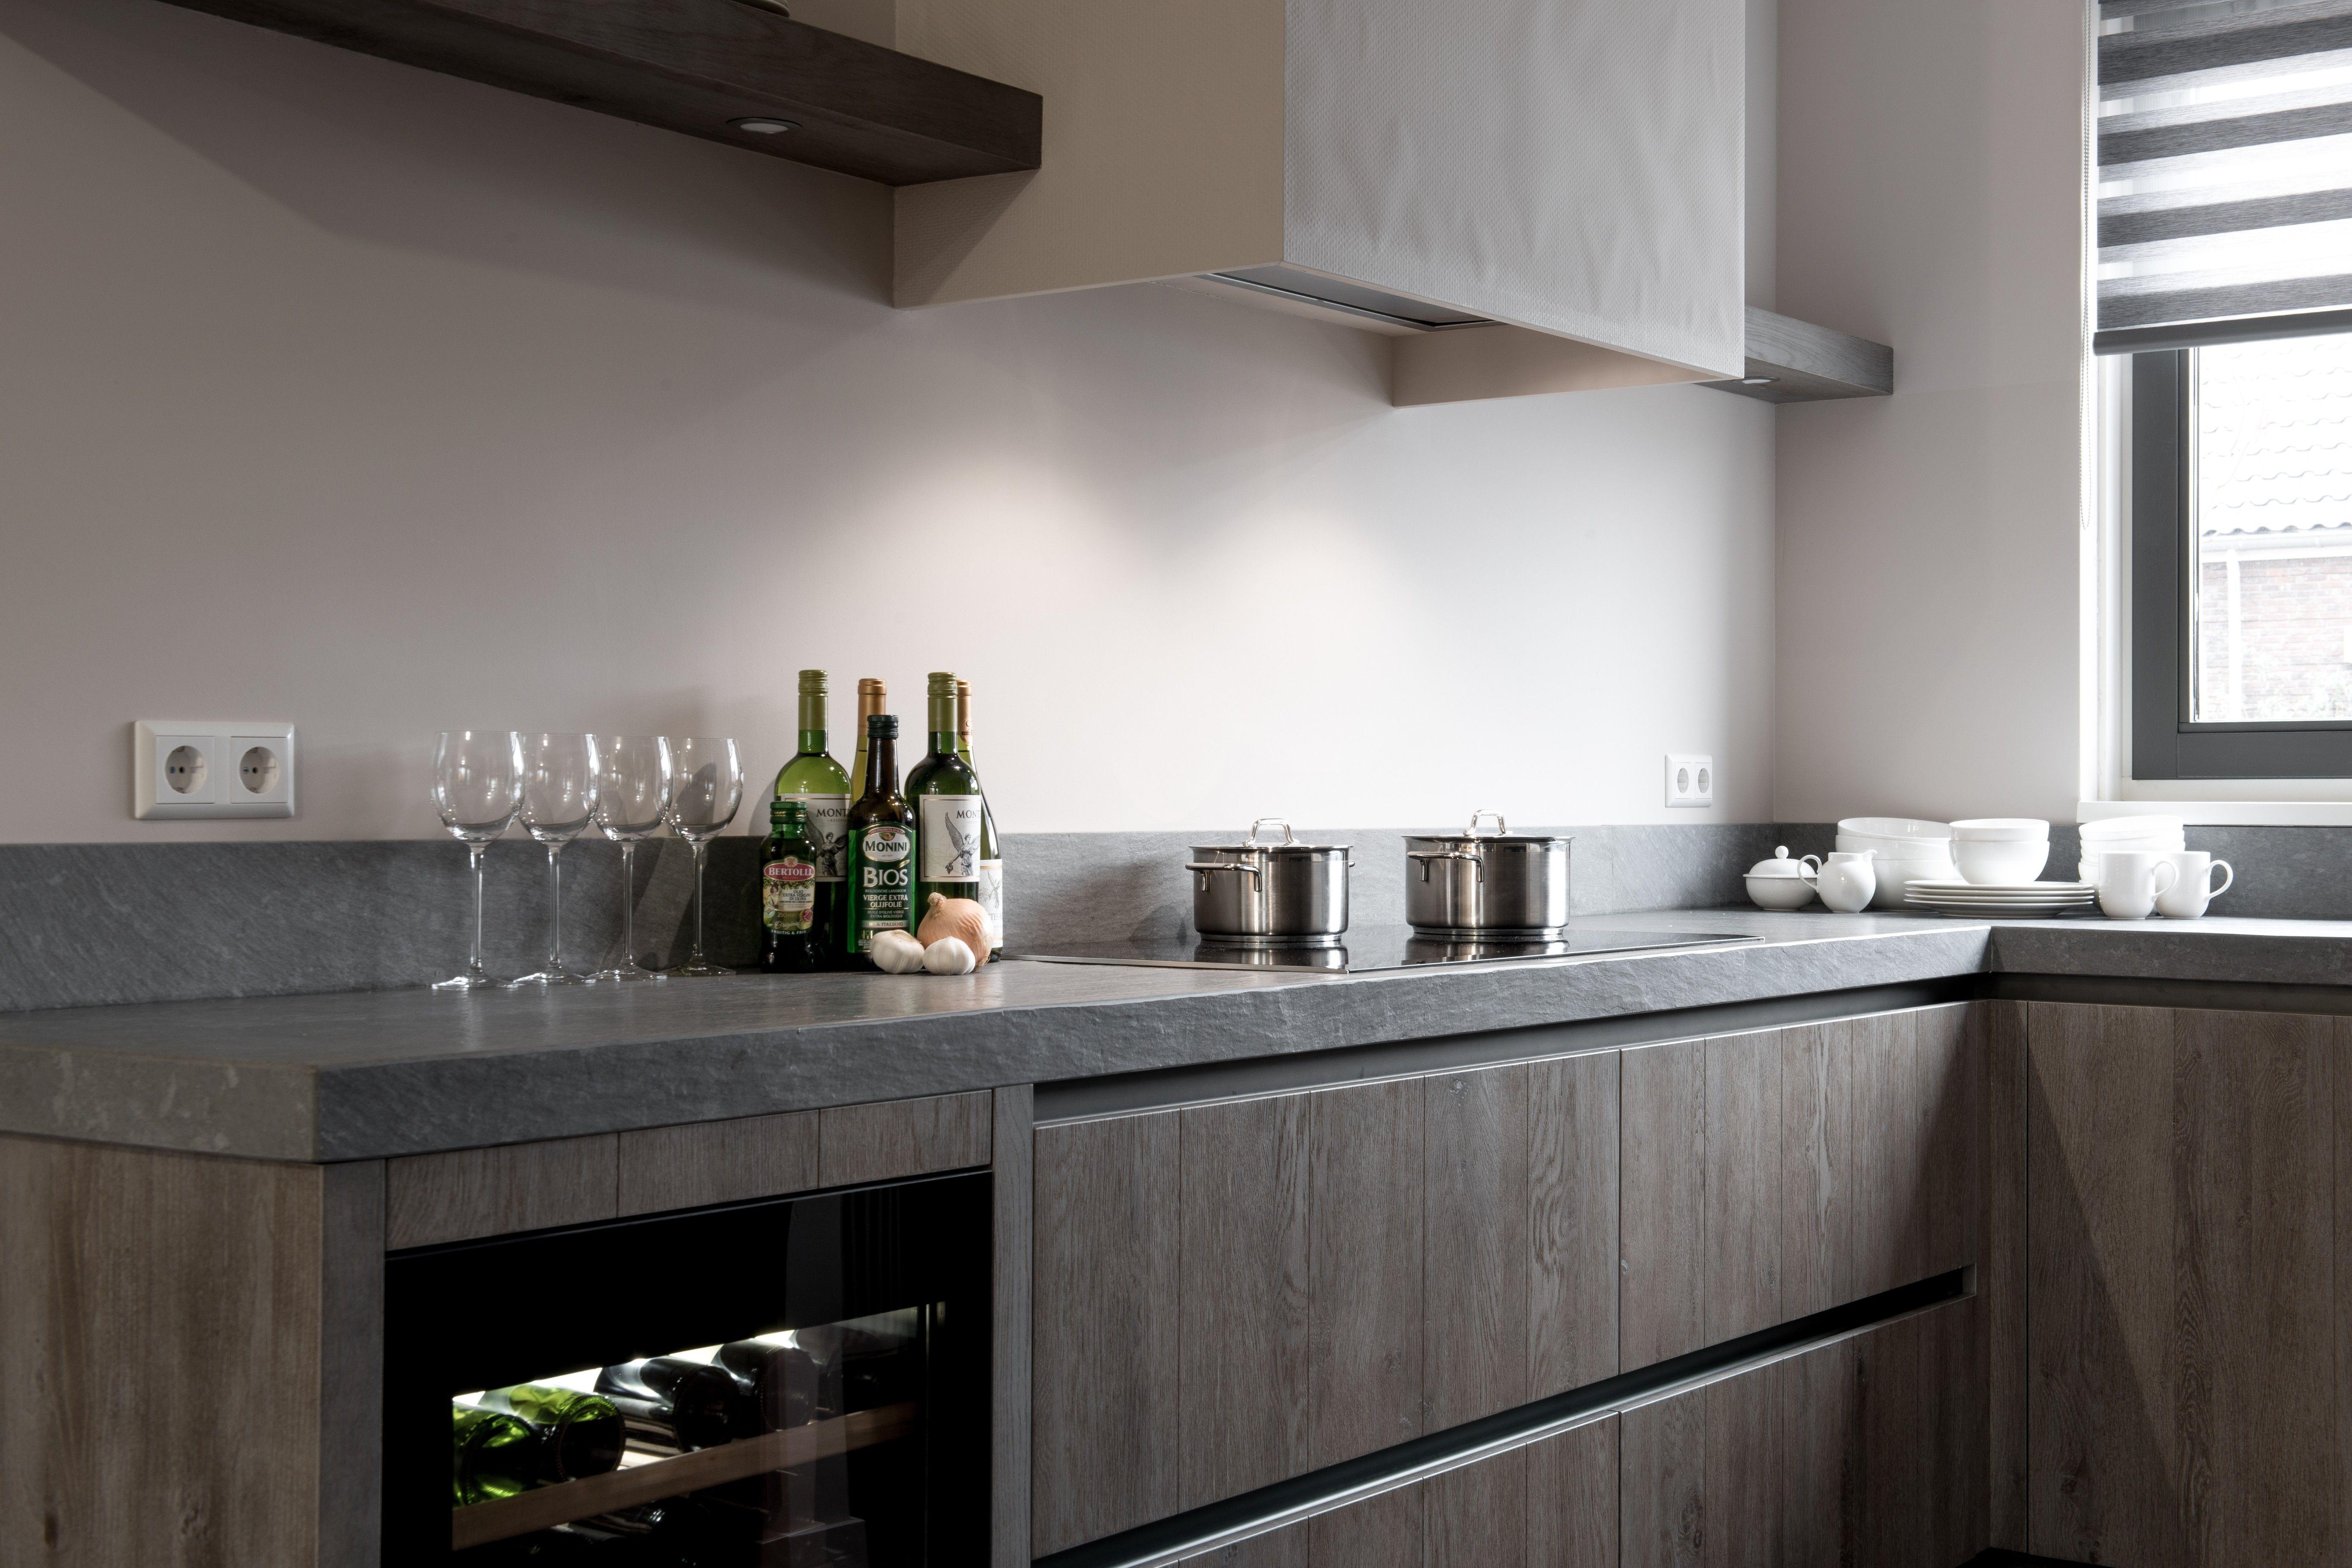 Wijnkoelkast De Keuken : Landelijke keuken houten keuken hoekkeuken siemens